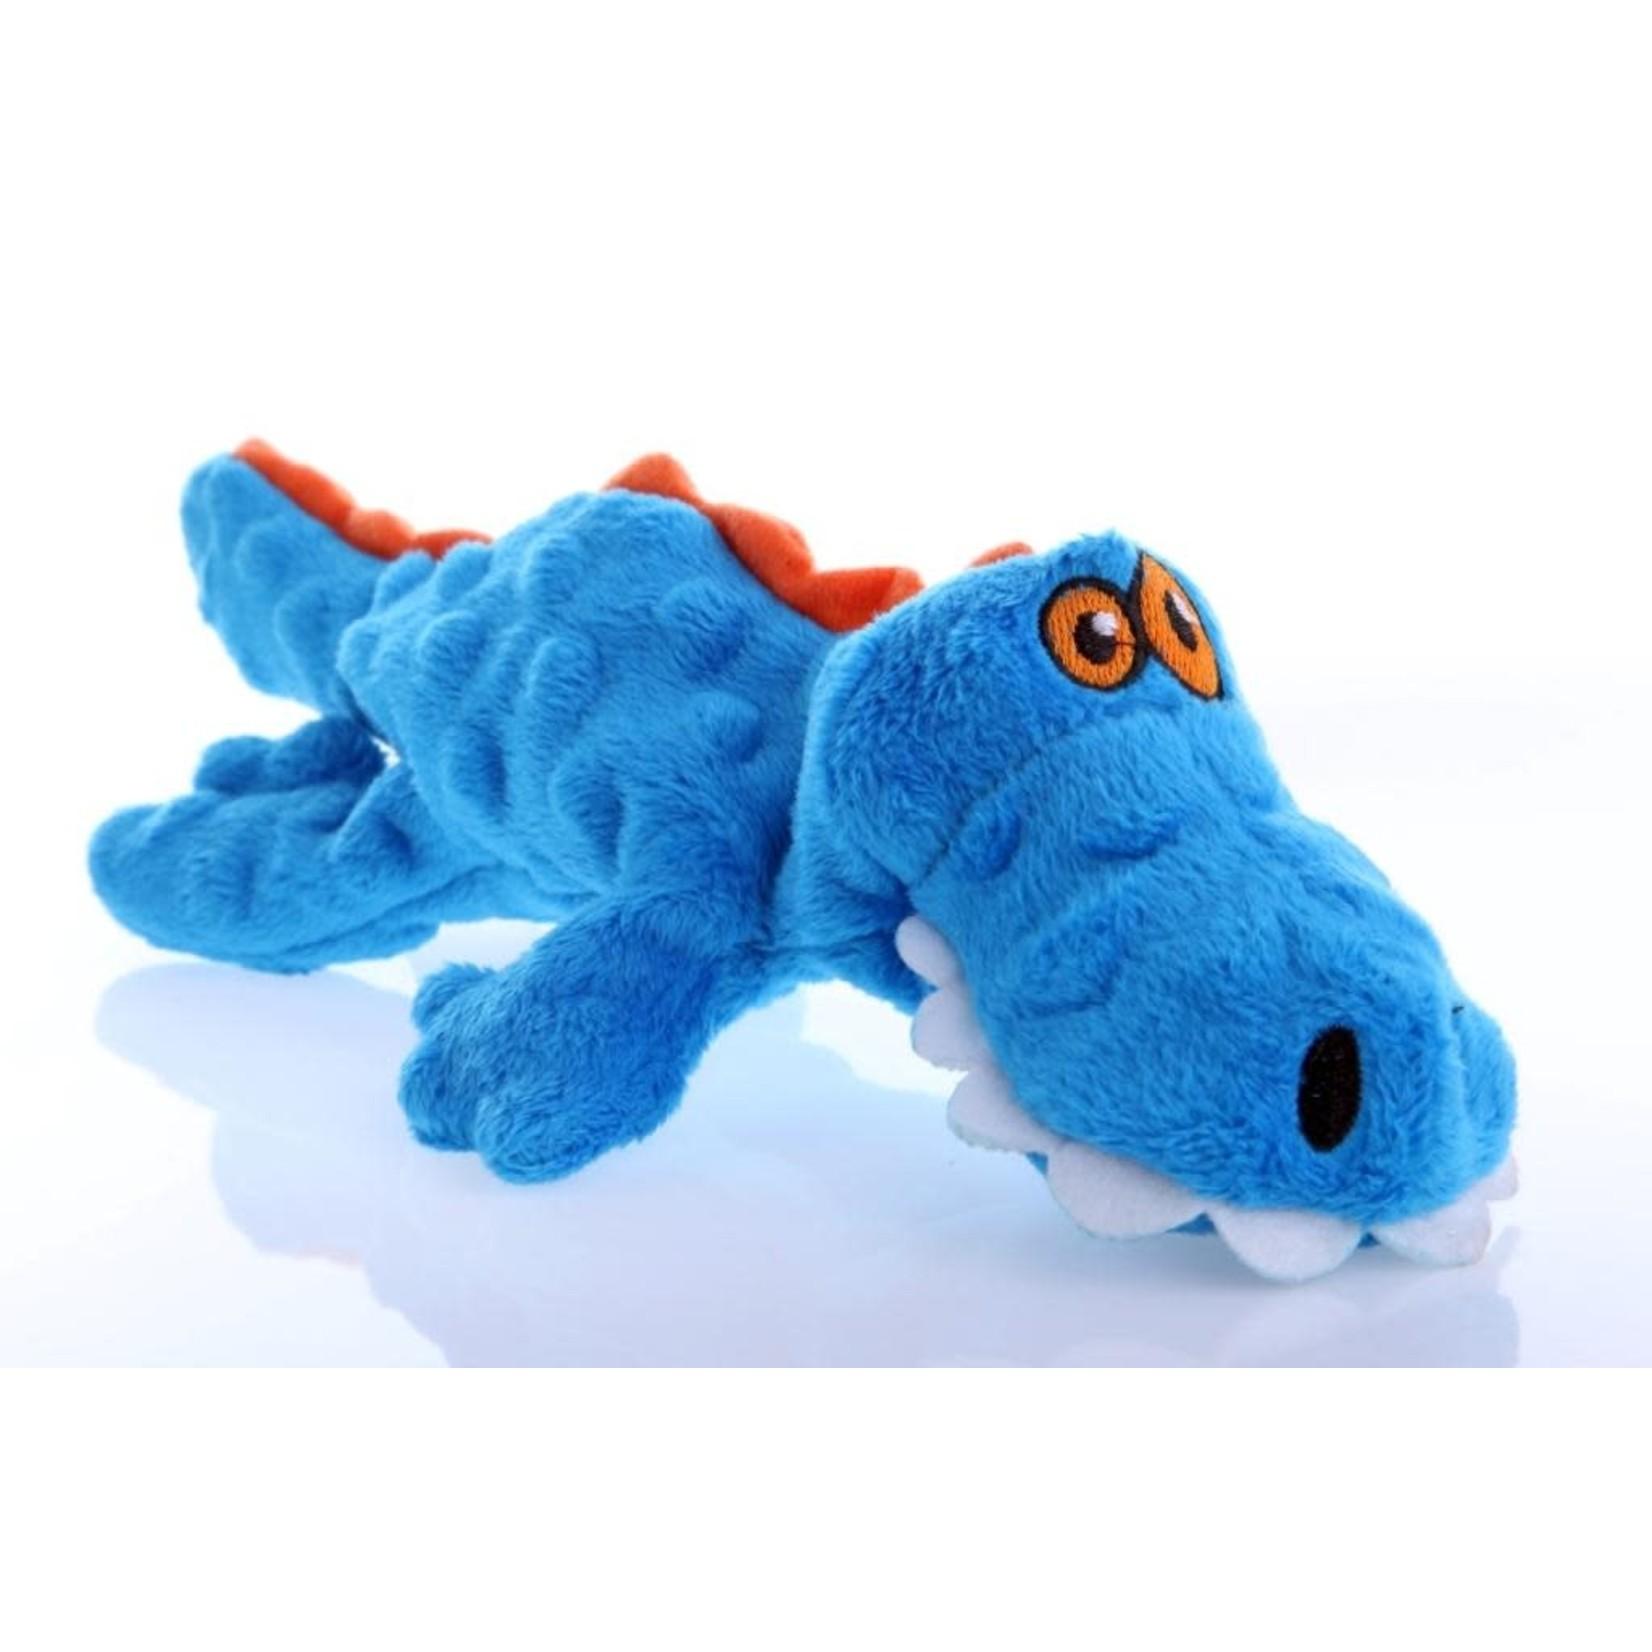 Worldwise/QPG/GoDog GoDog Blue Gator Dog Toy Large